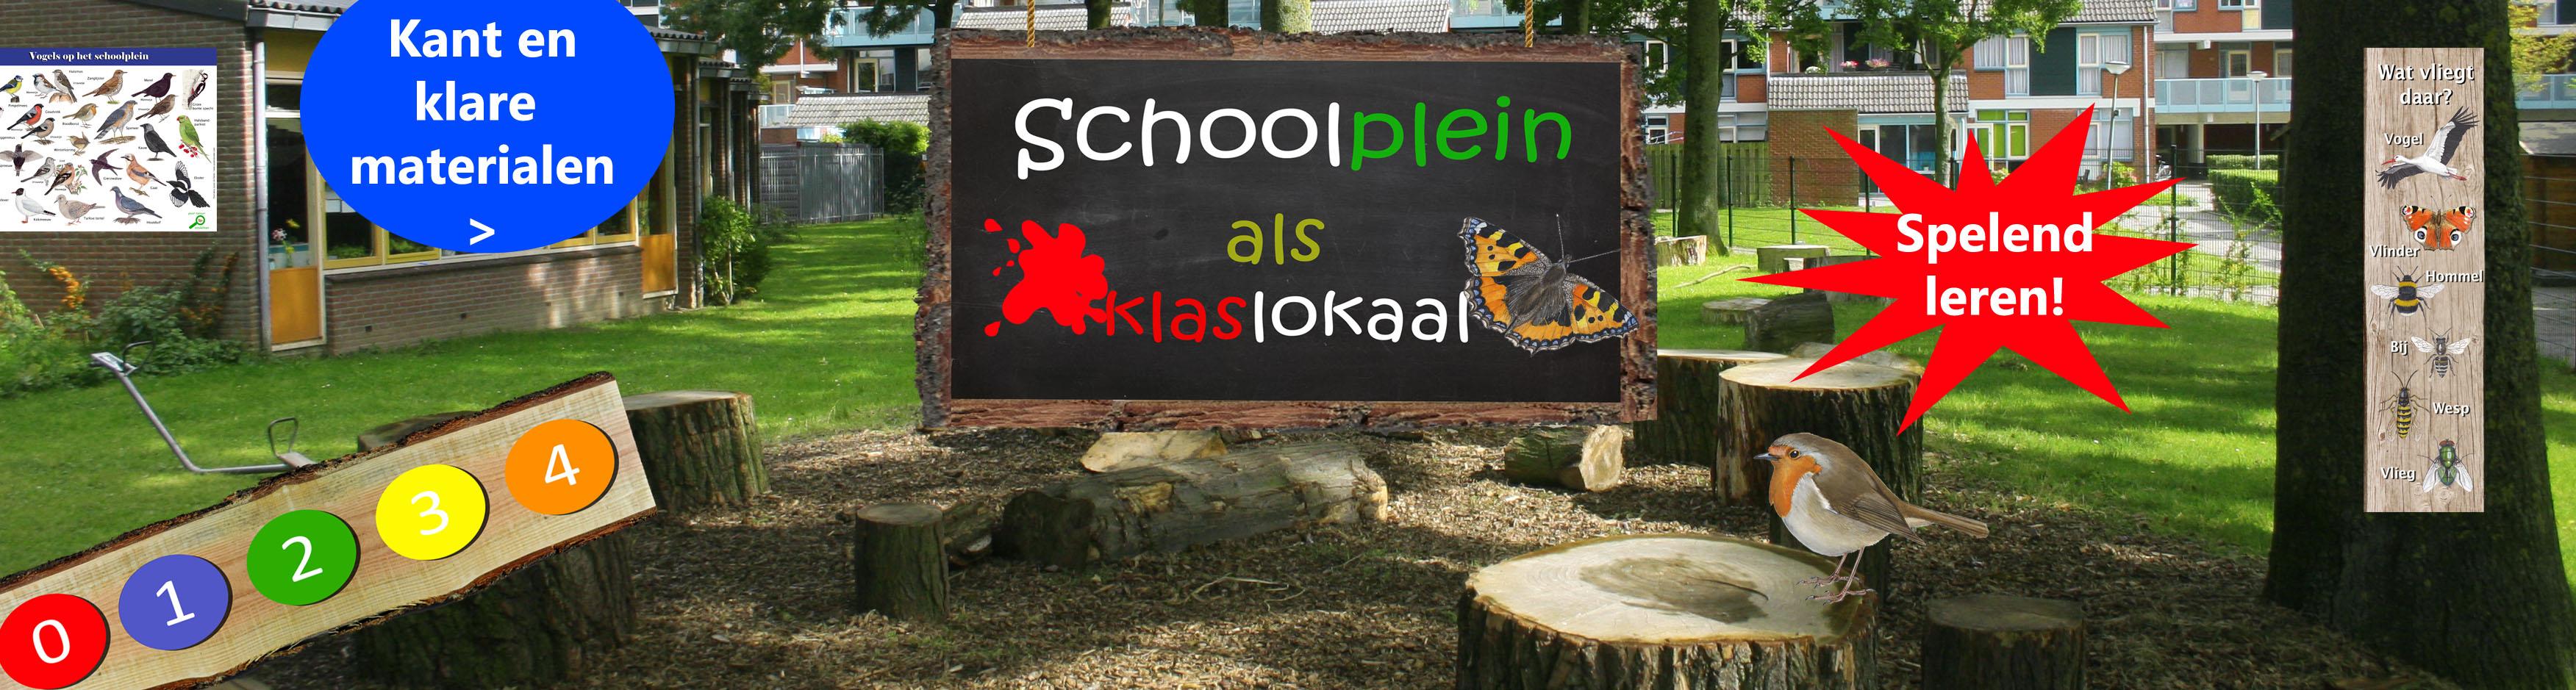 Schoolplein als klaslokaal-1